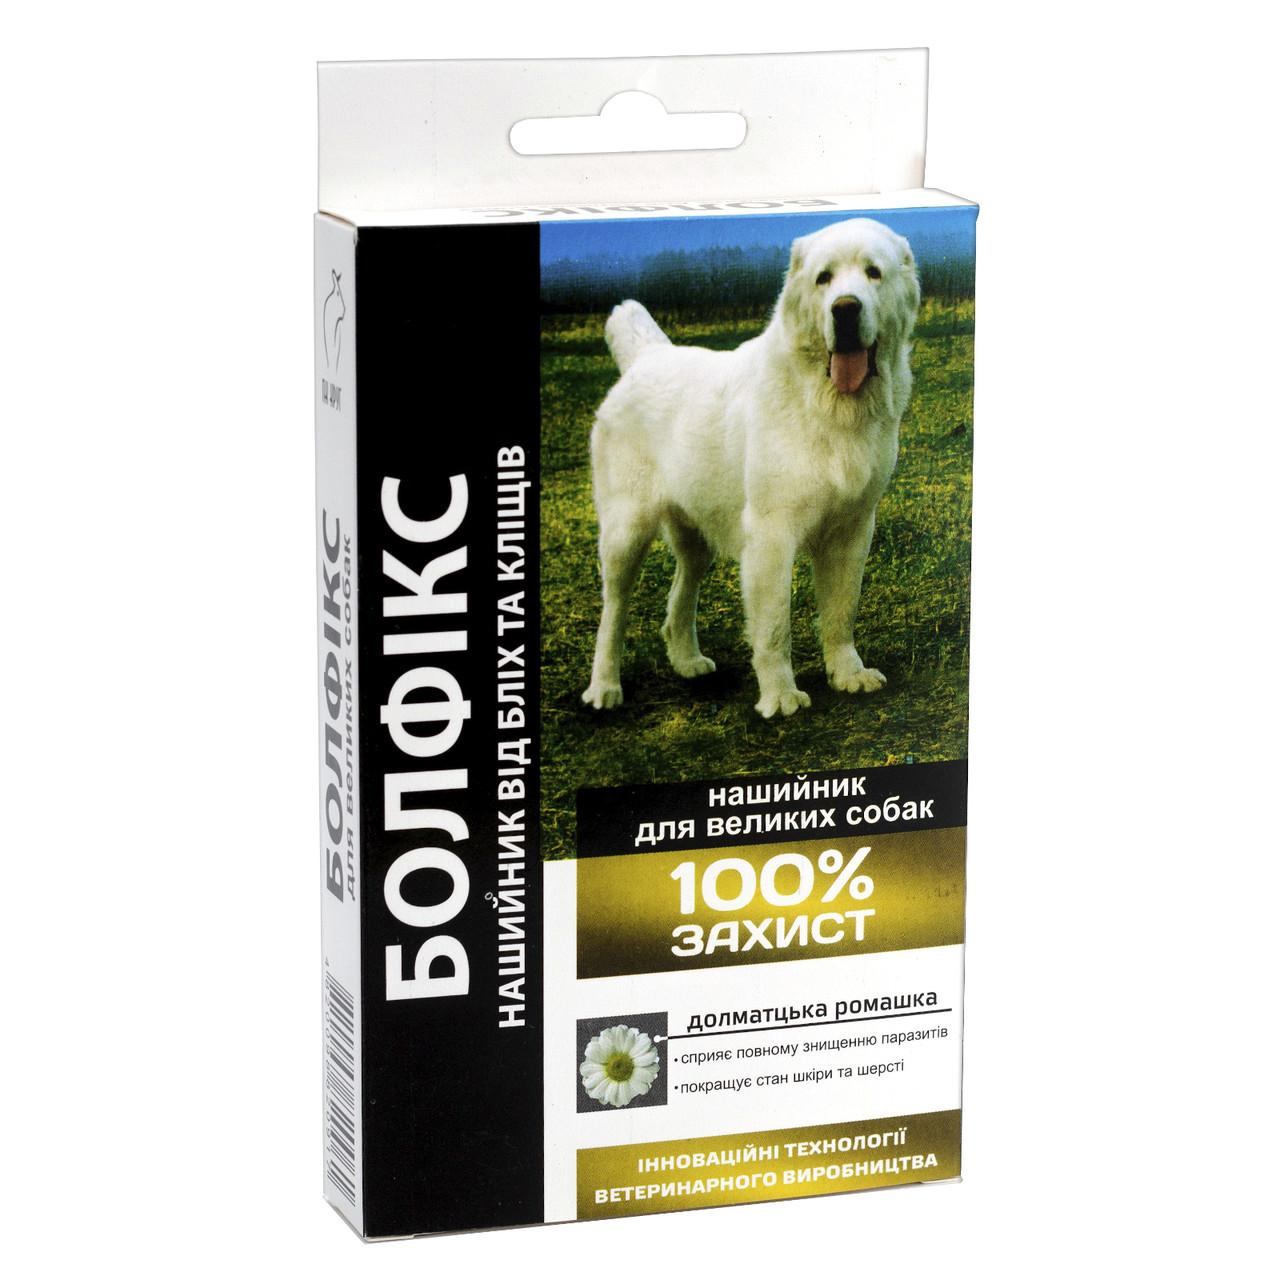 Нашийник Больфикс для собак великих порід (70 см)